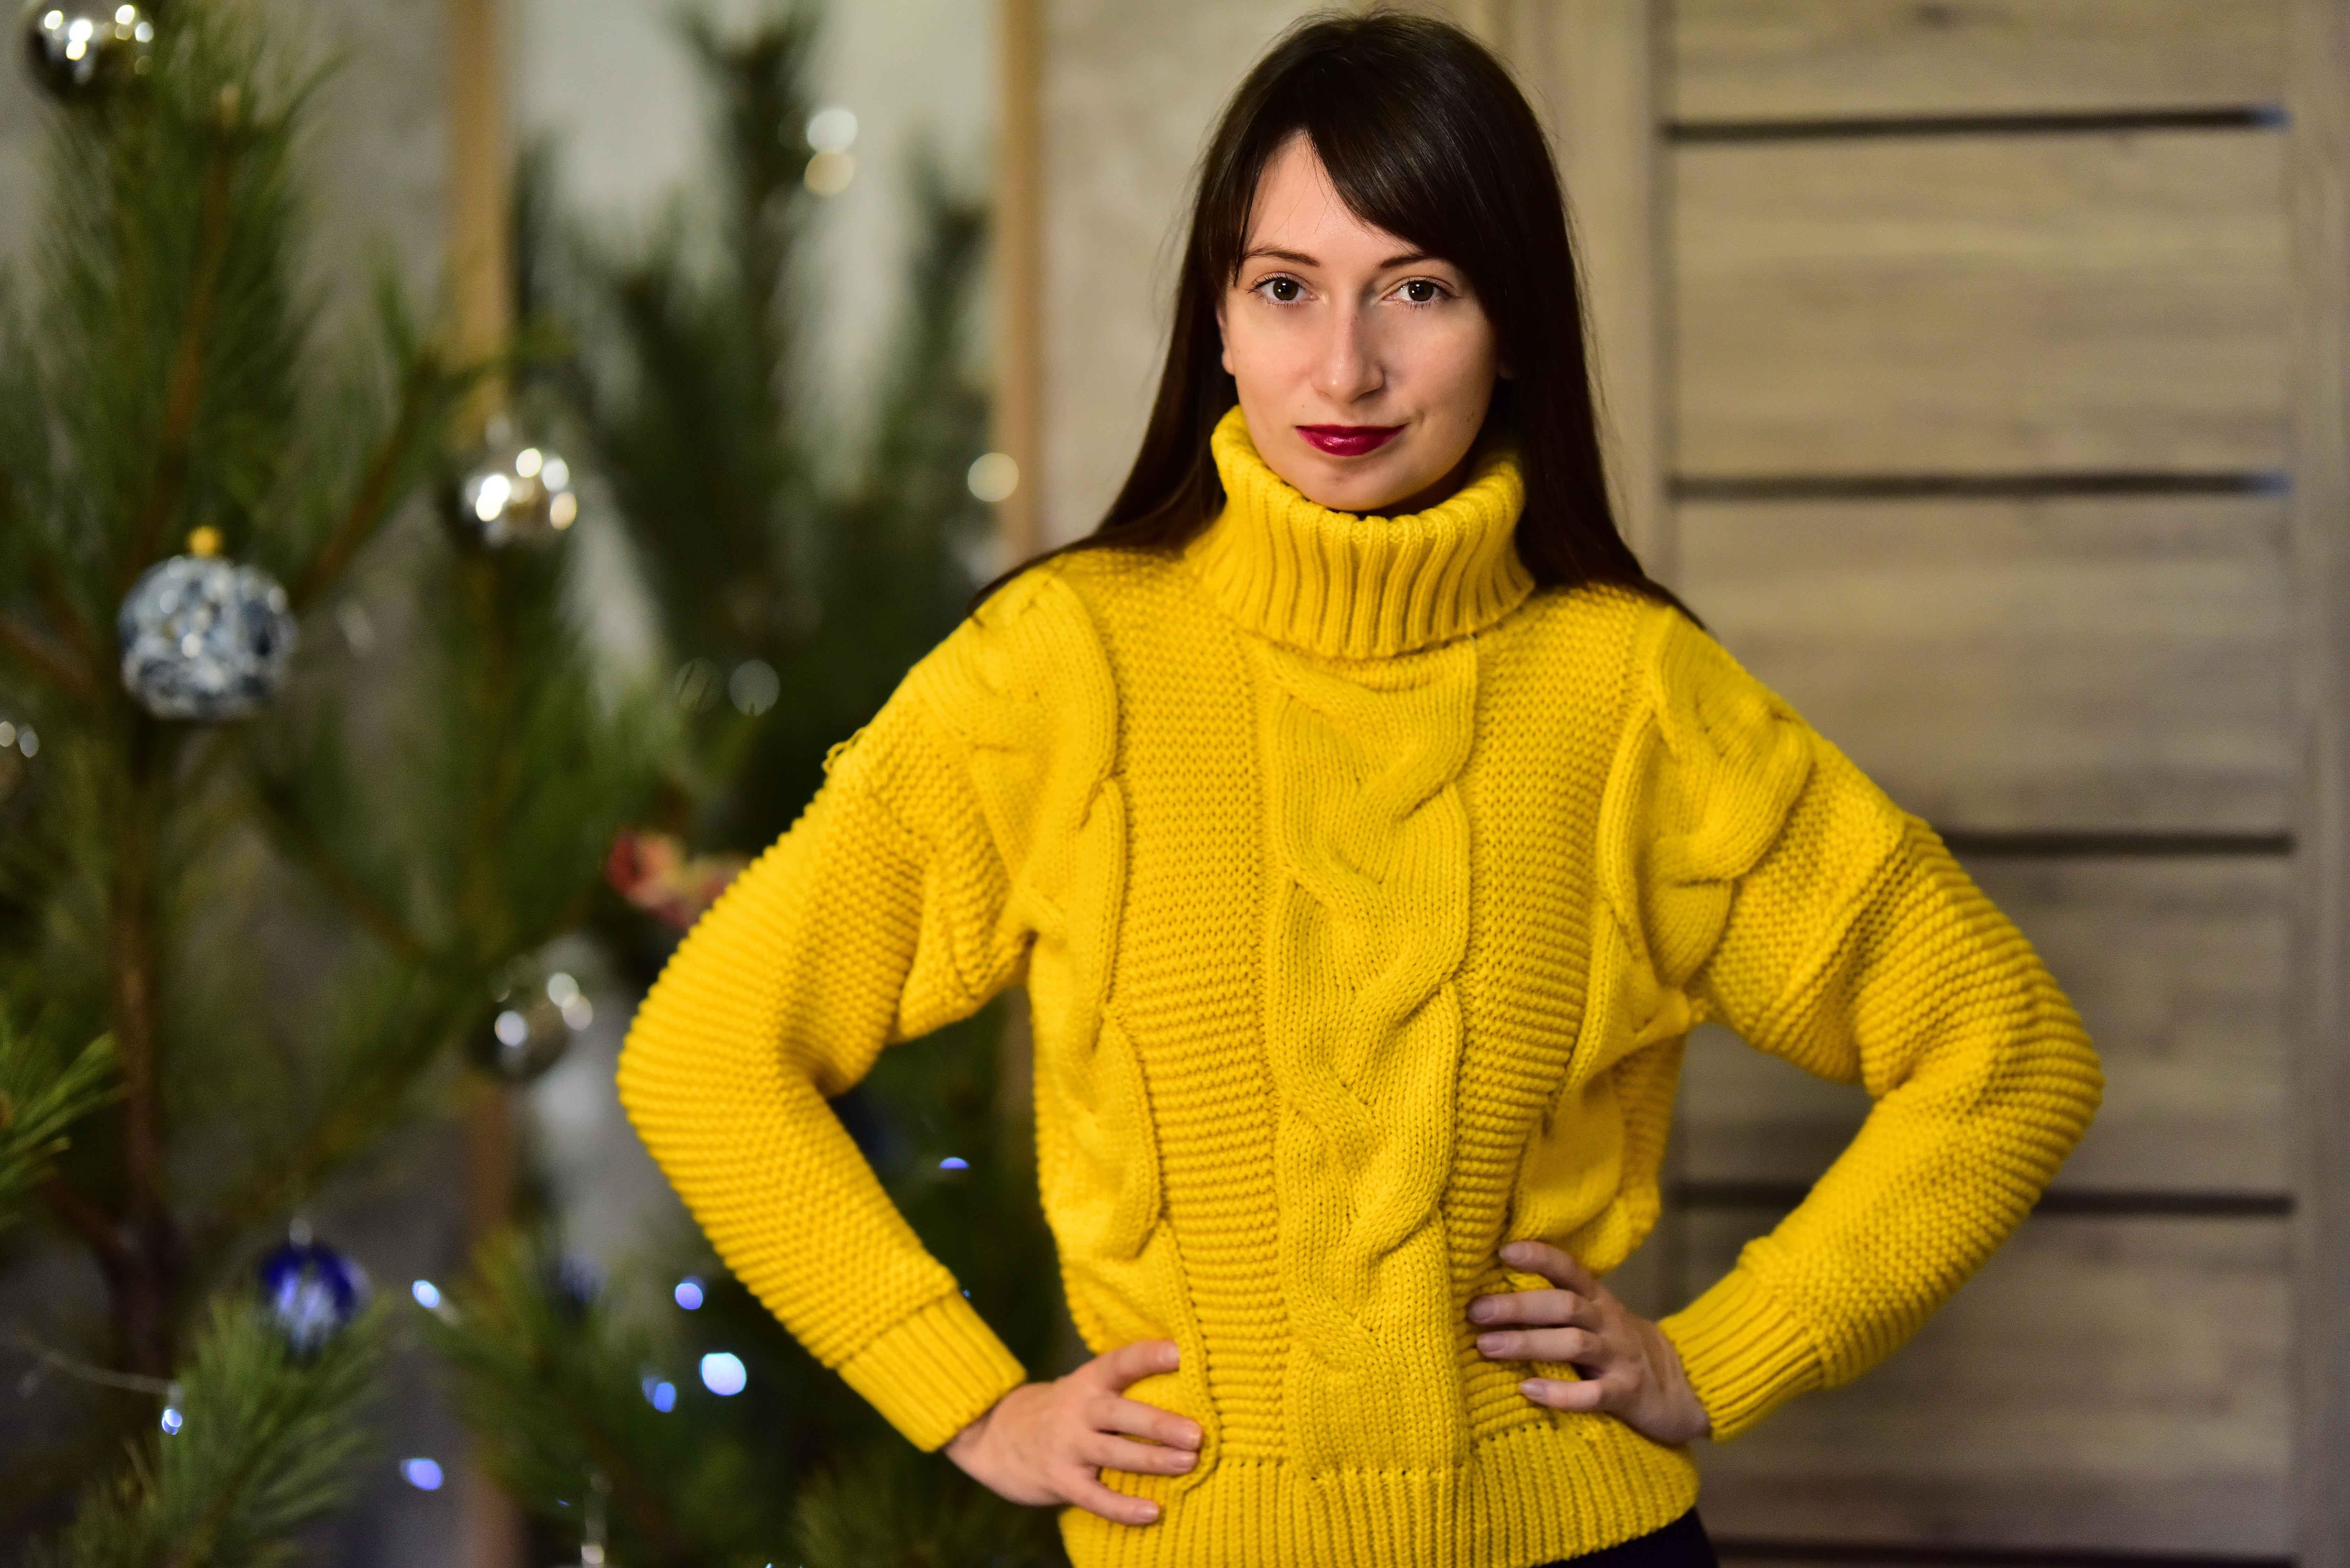 Тёплый жёлтый свитер от Tomorrow Store - инструкция